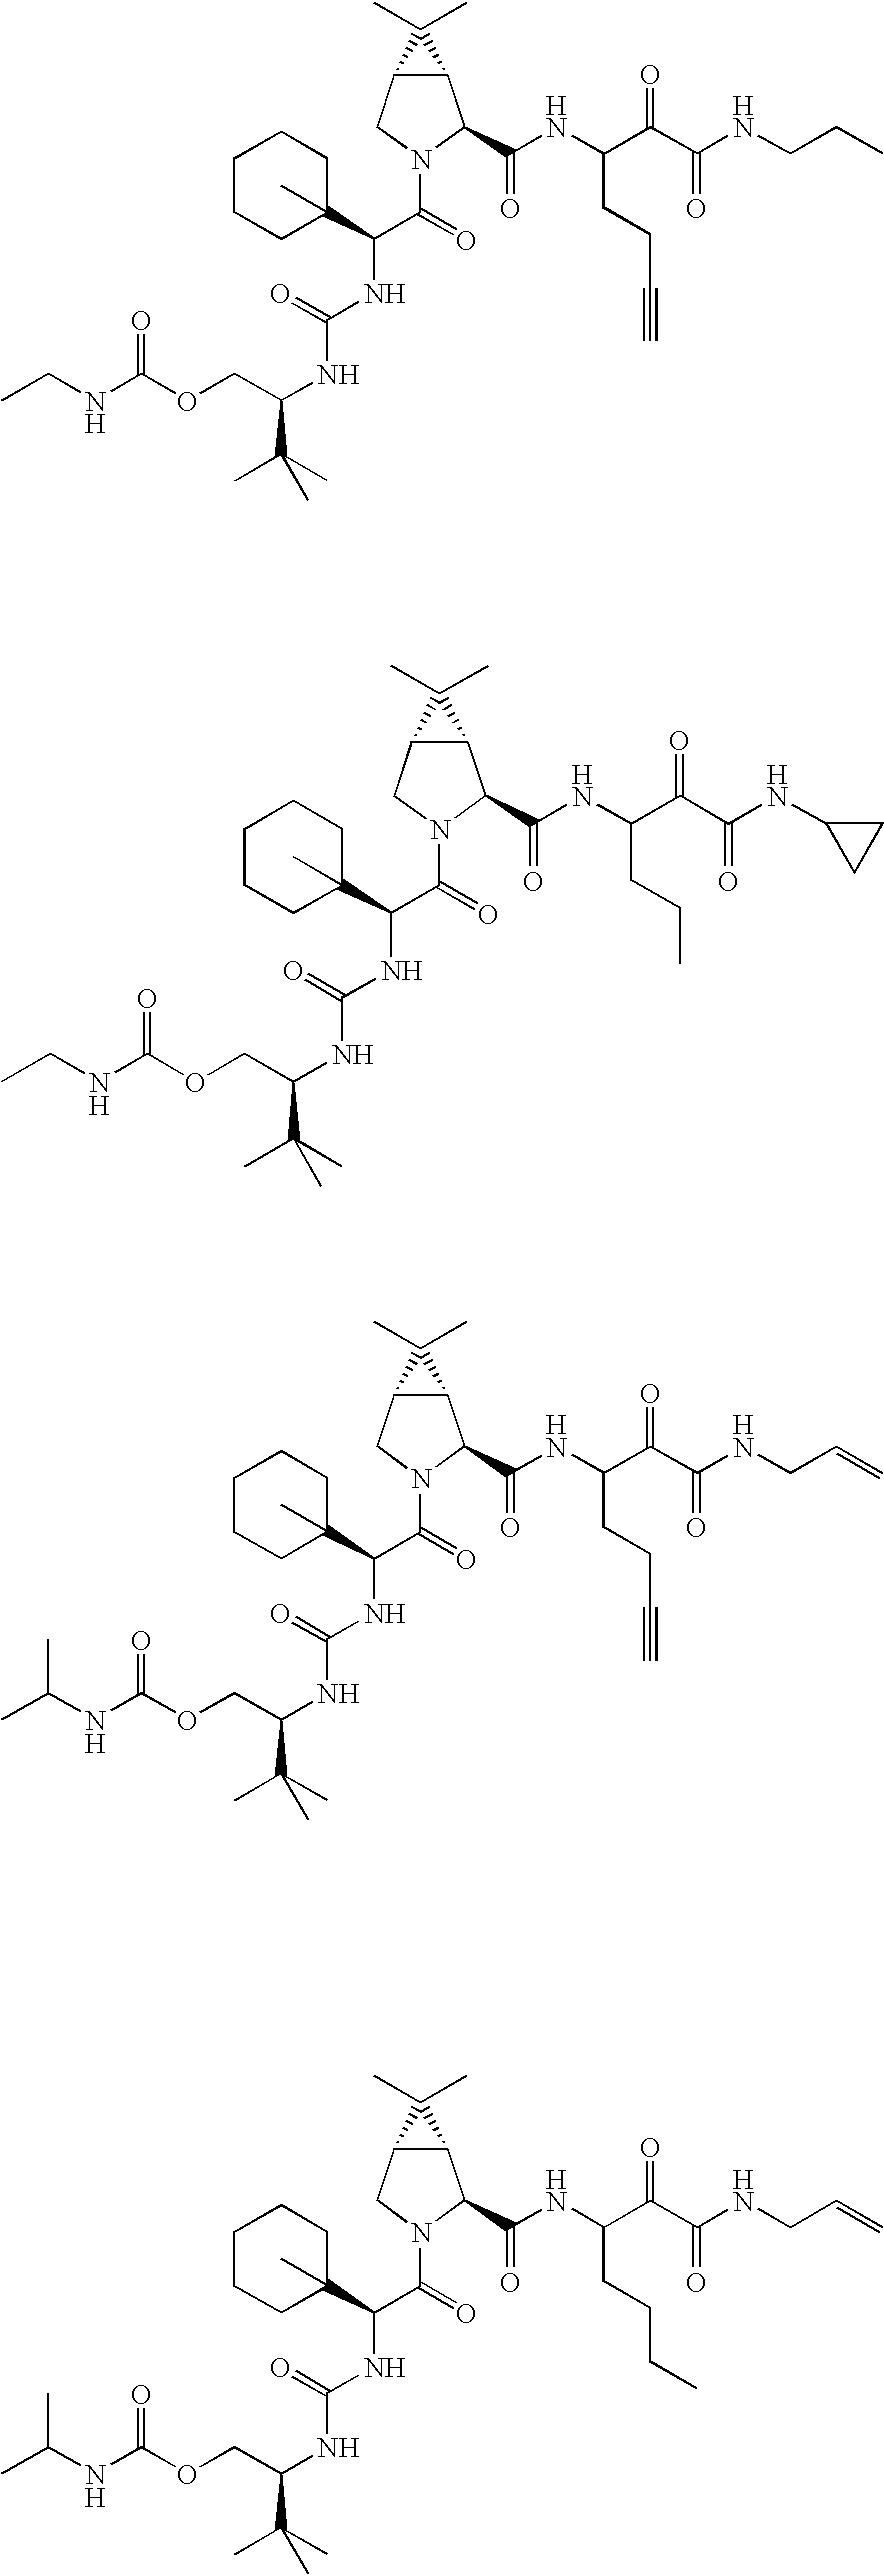 Figure US20060287248A1-20061221-C00377